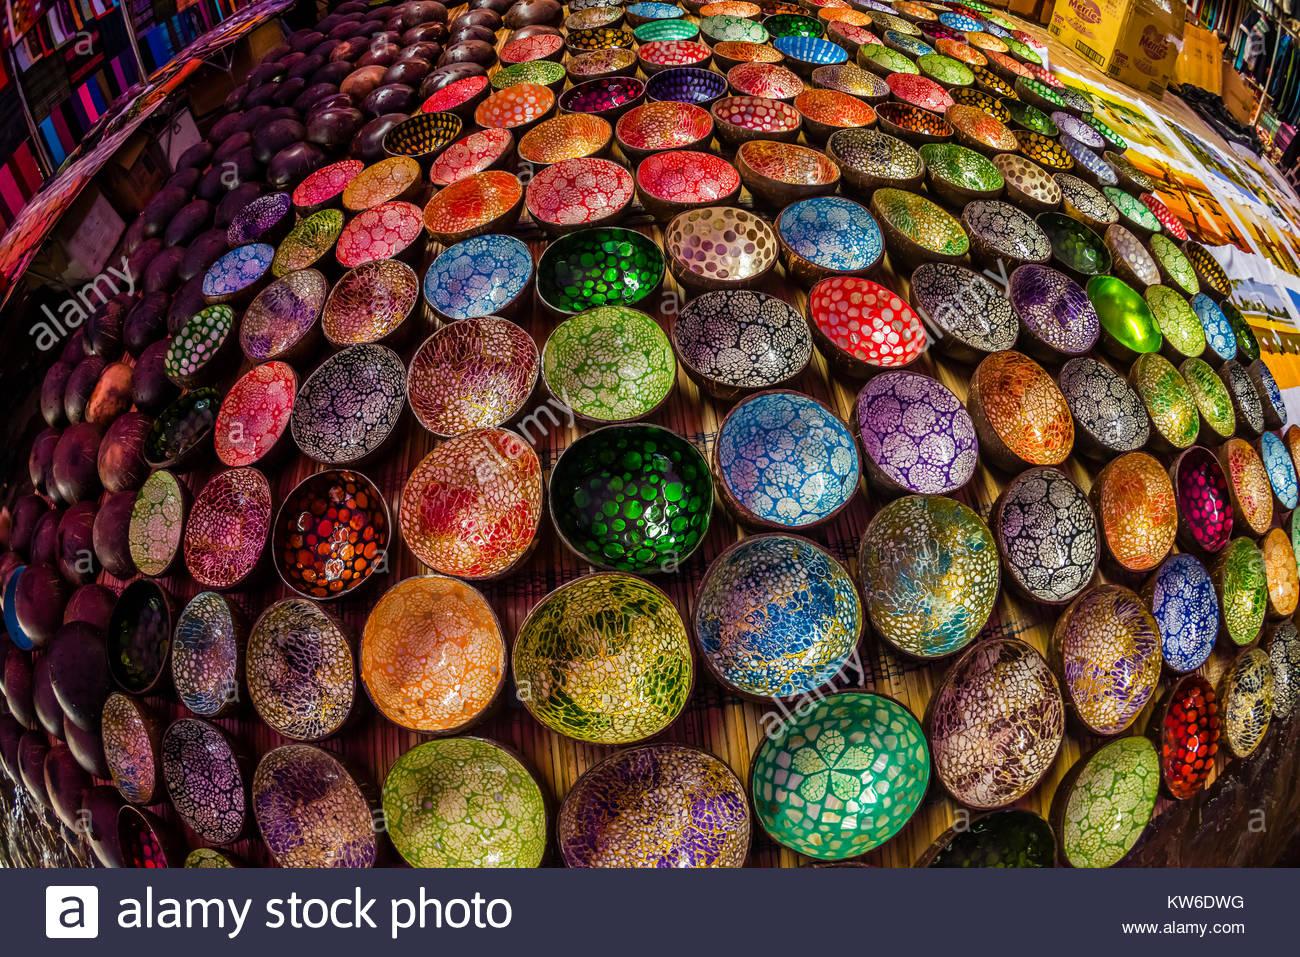 Laque vietnamienne colorés en coco bols, dimanche au marché Ba ha, dans le nord du Viet Nam. Chaque dimanche, Photo Stock